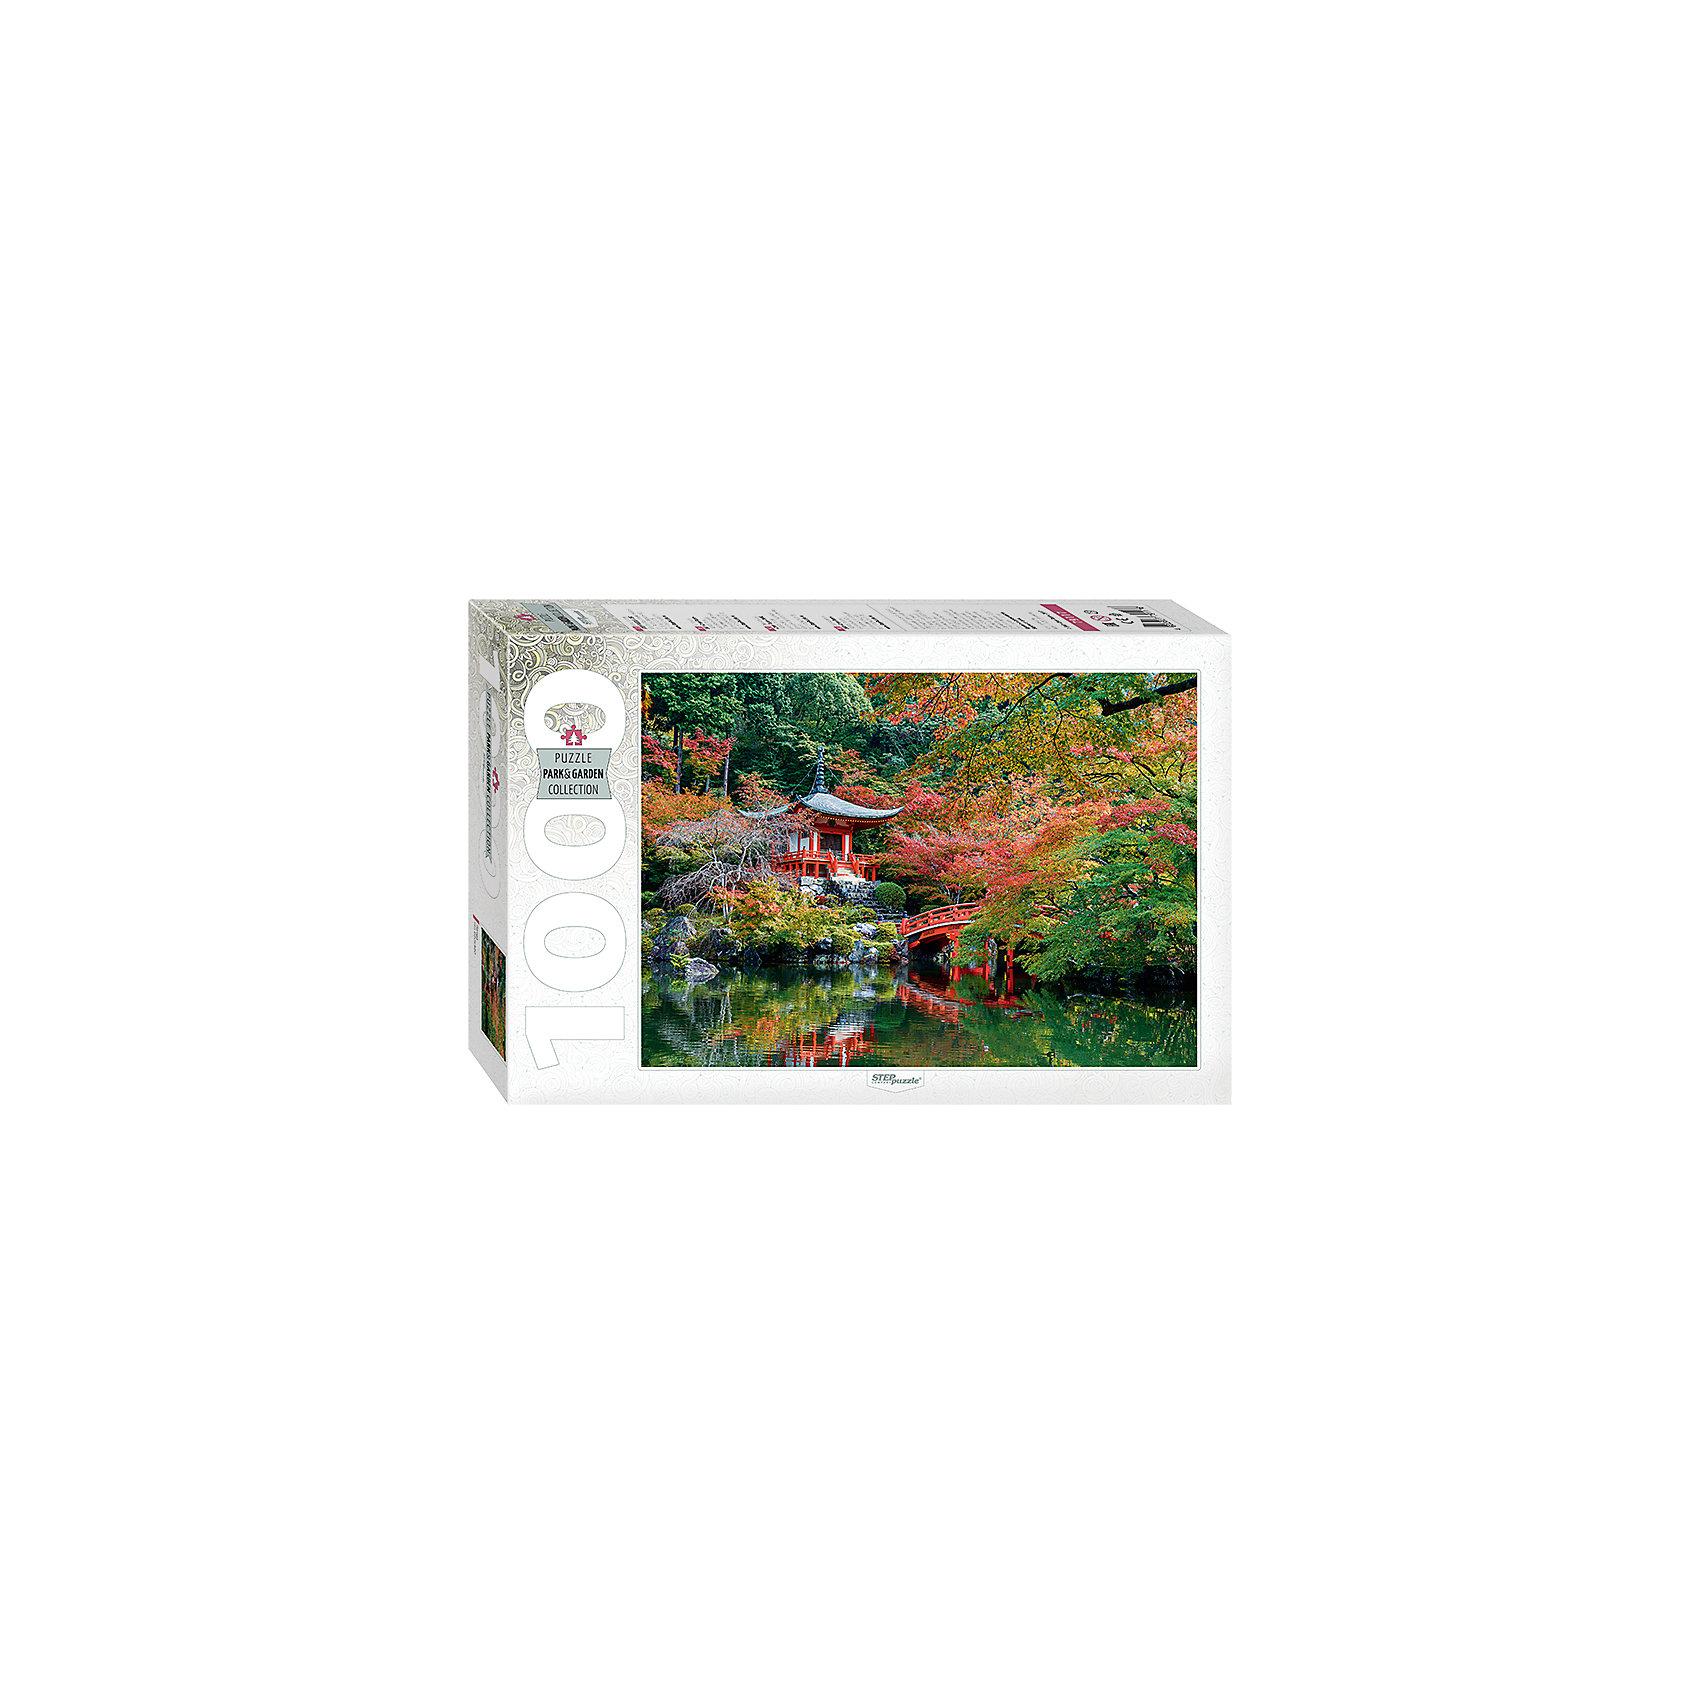 Пазл Пагода, 1000 деталей, Степ ПазлПазлы для детей постарше<br>Пазл Пагода, 1000 деталей, Степ Пазл<br><br>Характеристики:<br><br>• красивый пейзаж на готовой картинке<br>• размер собранного изображения: 68х48 см<br>• количество деталей: 1000<br>• размер детали: 2х1,7 см<br>• материал: картон<br>• размер упаковки: 6х33х21,5 см<br>• вес: 620 грамм<br><br>Пагода - многоярусная башня, декорированная карнизами и различными украшениями. Вы сможете насладиться прекрасным изображением пагоды, собрав  пазл из 1000 деталей. Все детали выполнены из плотного нетоксичного картона. Пазлы помогут развить логику, усидчивость, внимательность и мелкую моторику.<br><br>Пазл Пагода, 1000 деталей, Степ Пазлы можете купить в нашем интернет-магазине.<br><br>Ширина мм: 215<br>Глубина мм: 330<br>Высота мм: 60<br>Вес г: 620<br>Возраст от месяцев: 48<br>Возраст до месяцев: 2147483647<br>Пол: Унисекс<br>Возраст: Детский<br>SKU: 5502546